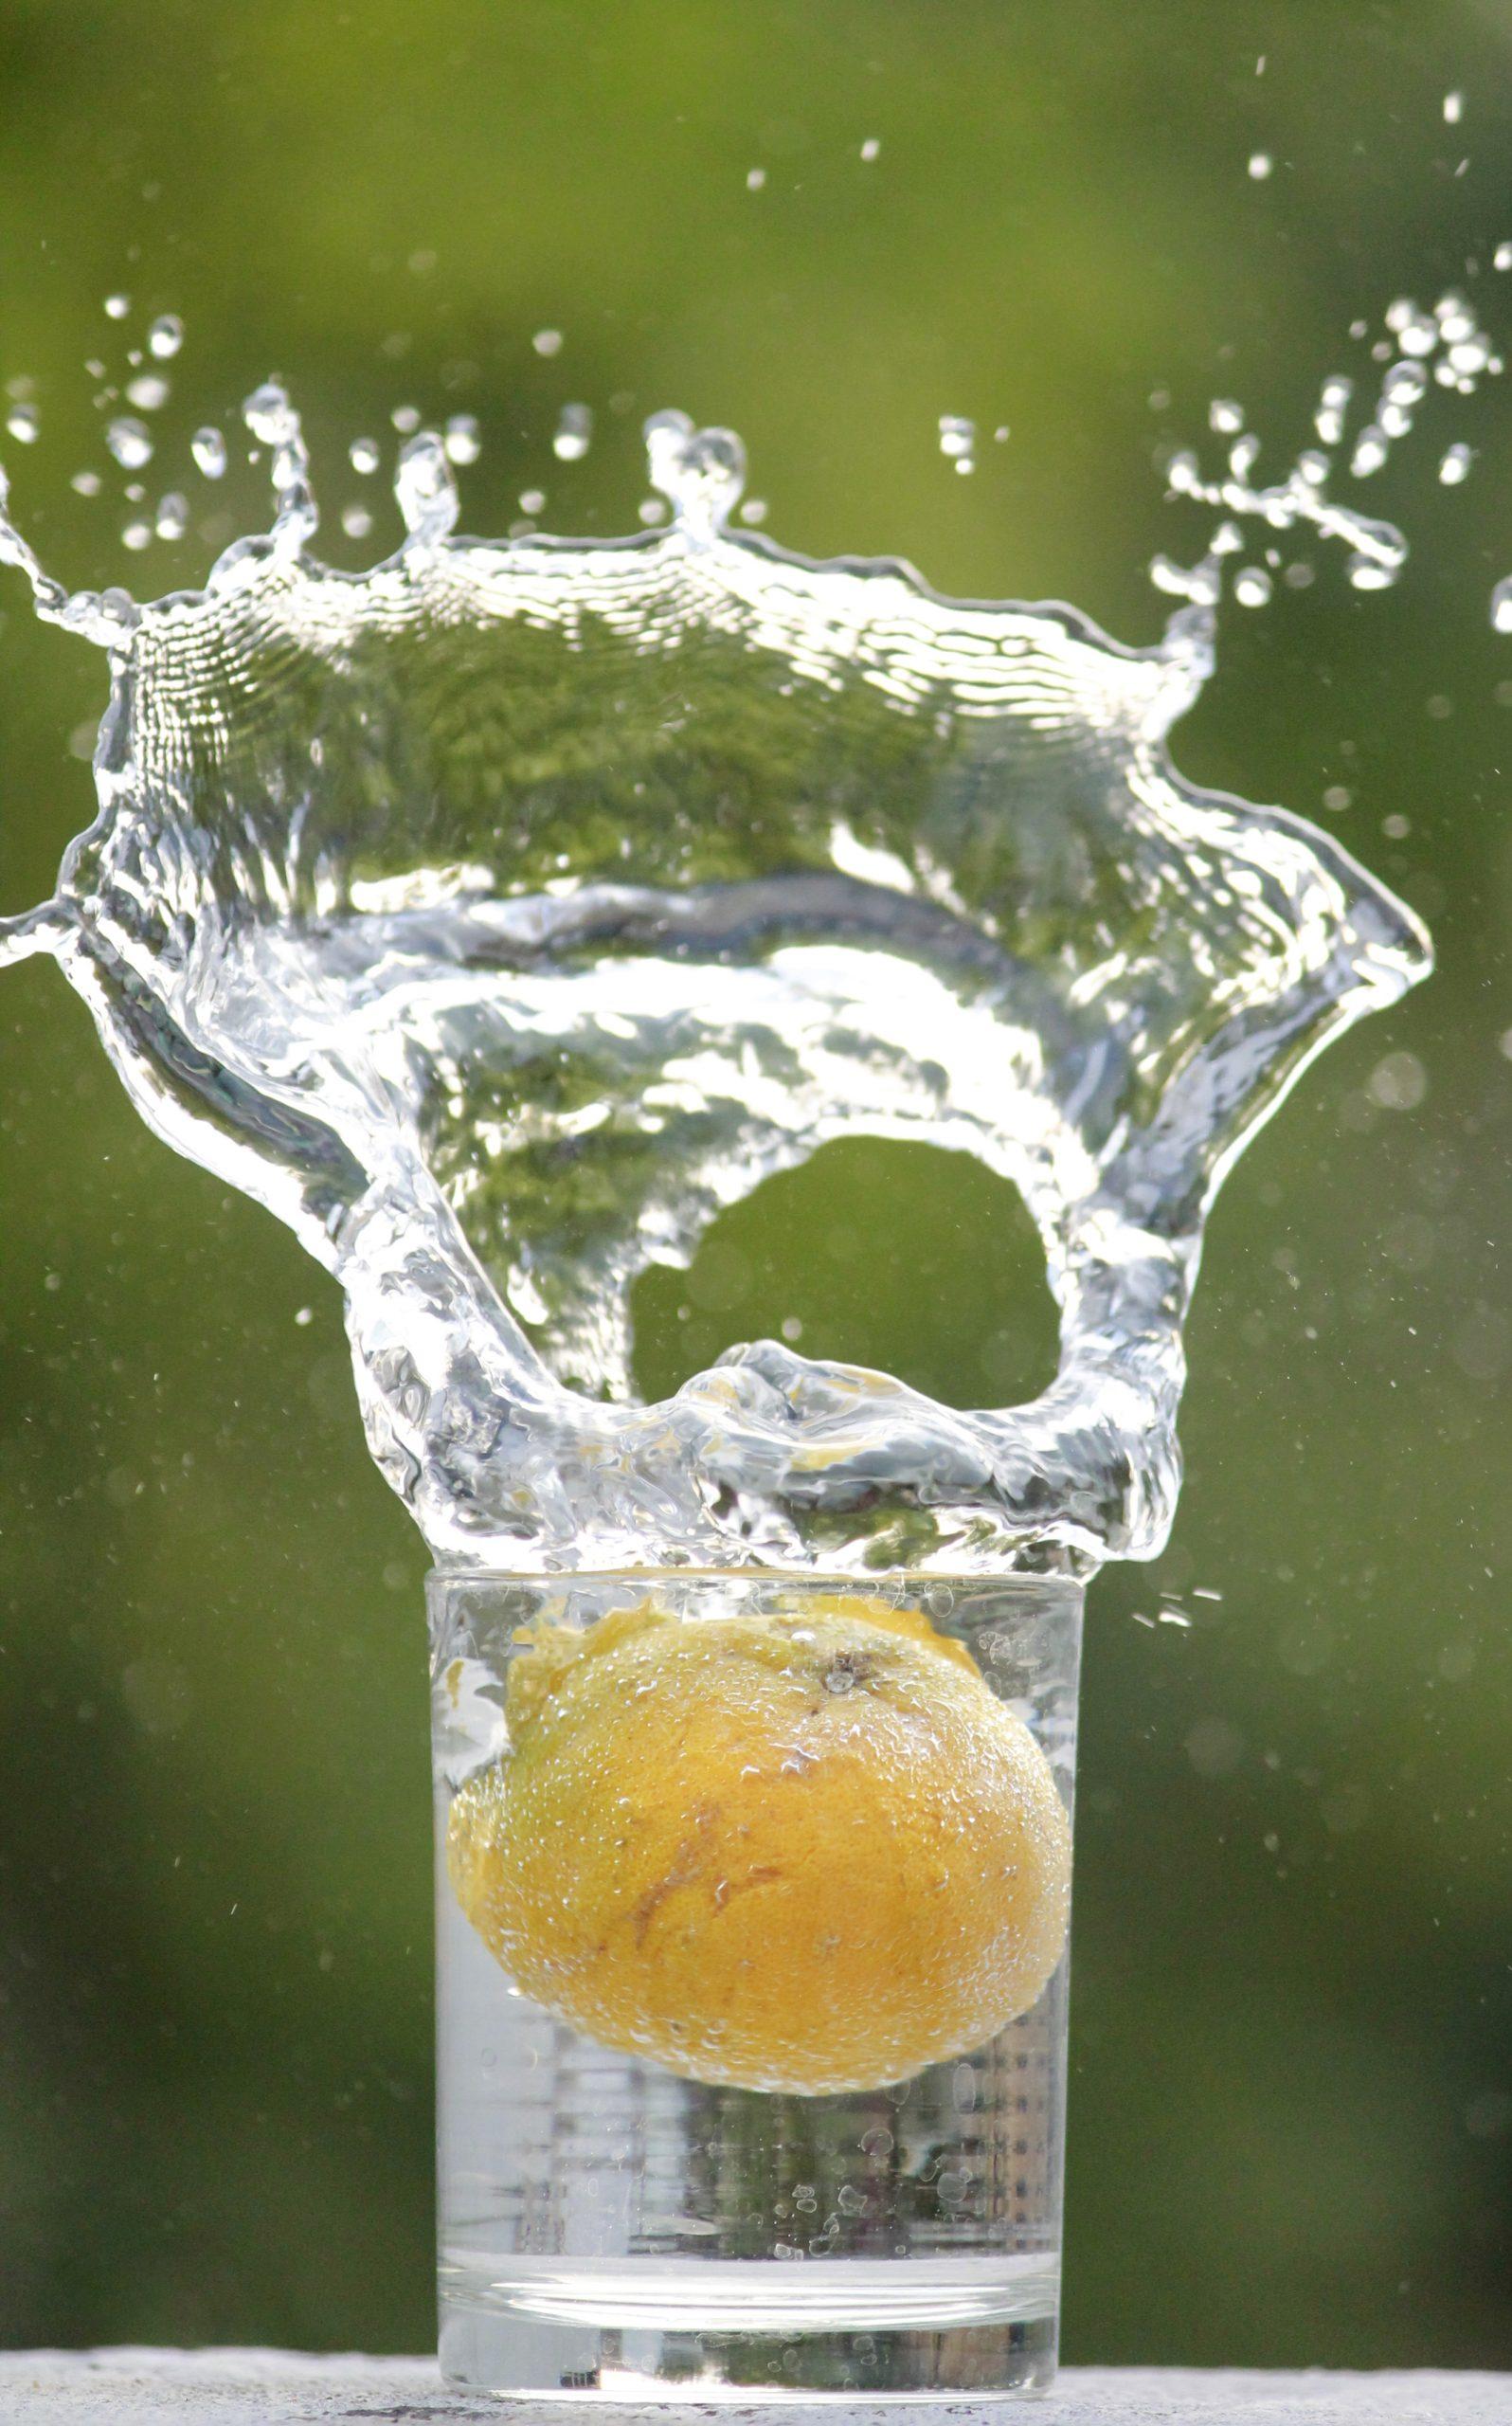 Lemon in water glass